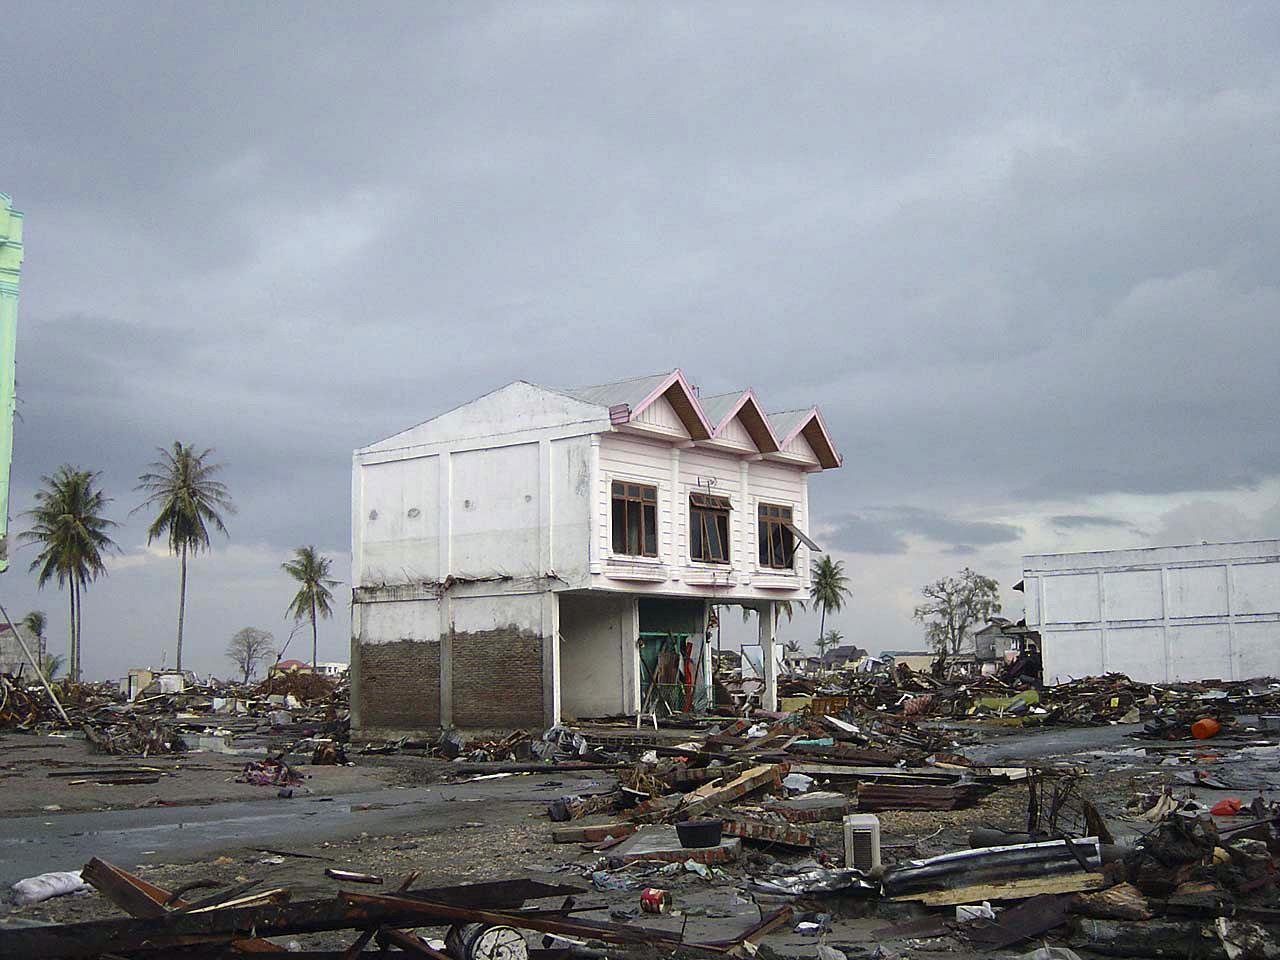 חורבן והרס בעיר Banda Aceh באינדונזיה לאחר אסון הצונאמי בשנת 2004 (צילום: Michael L. Bak, ויקימדיה)